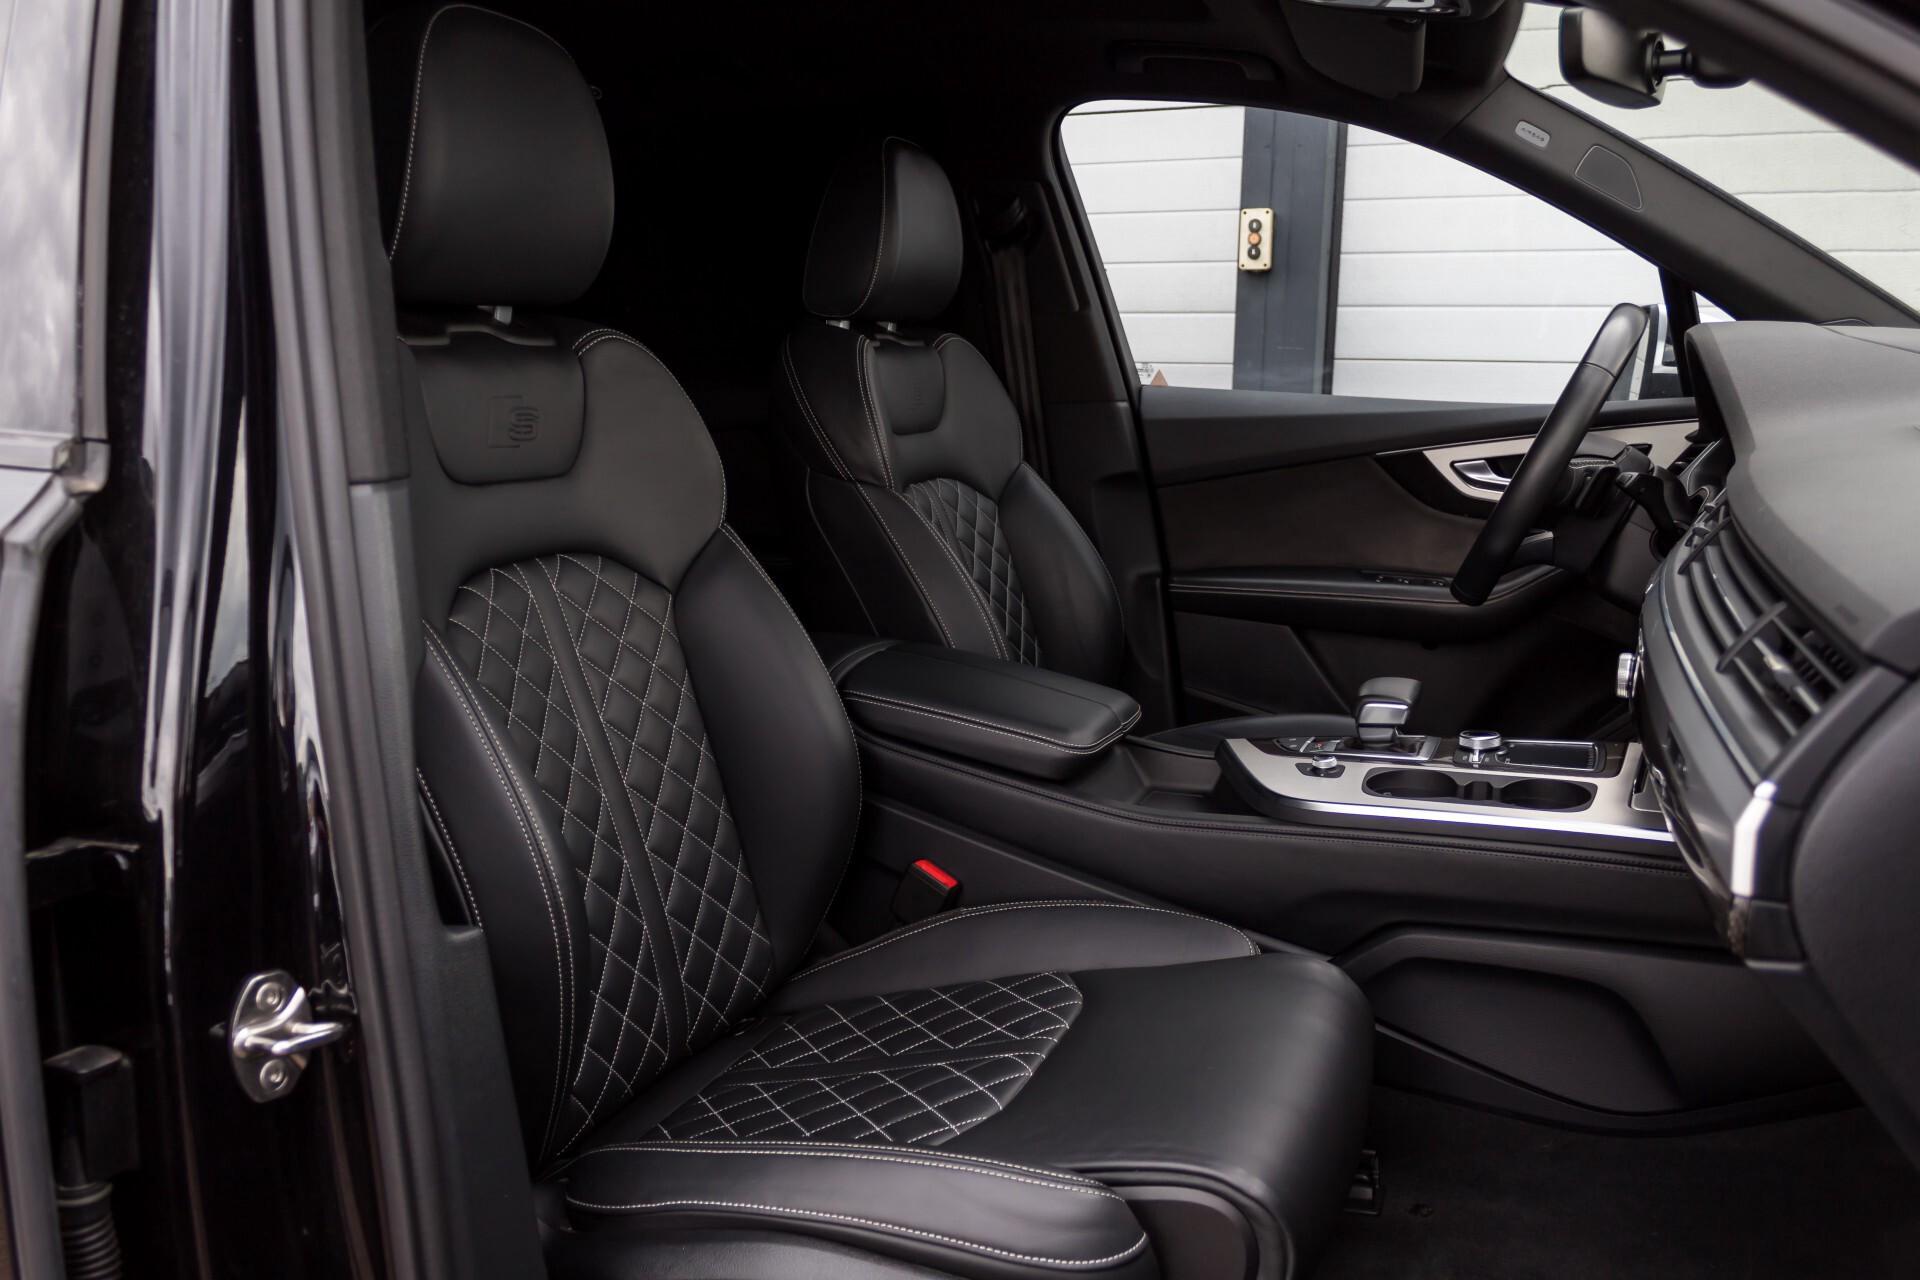 Audi SQ7 4.0 TDI 435pk Quattro Full Options Grijs Kenteken Aut8 Foto 3